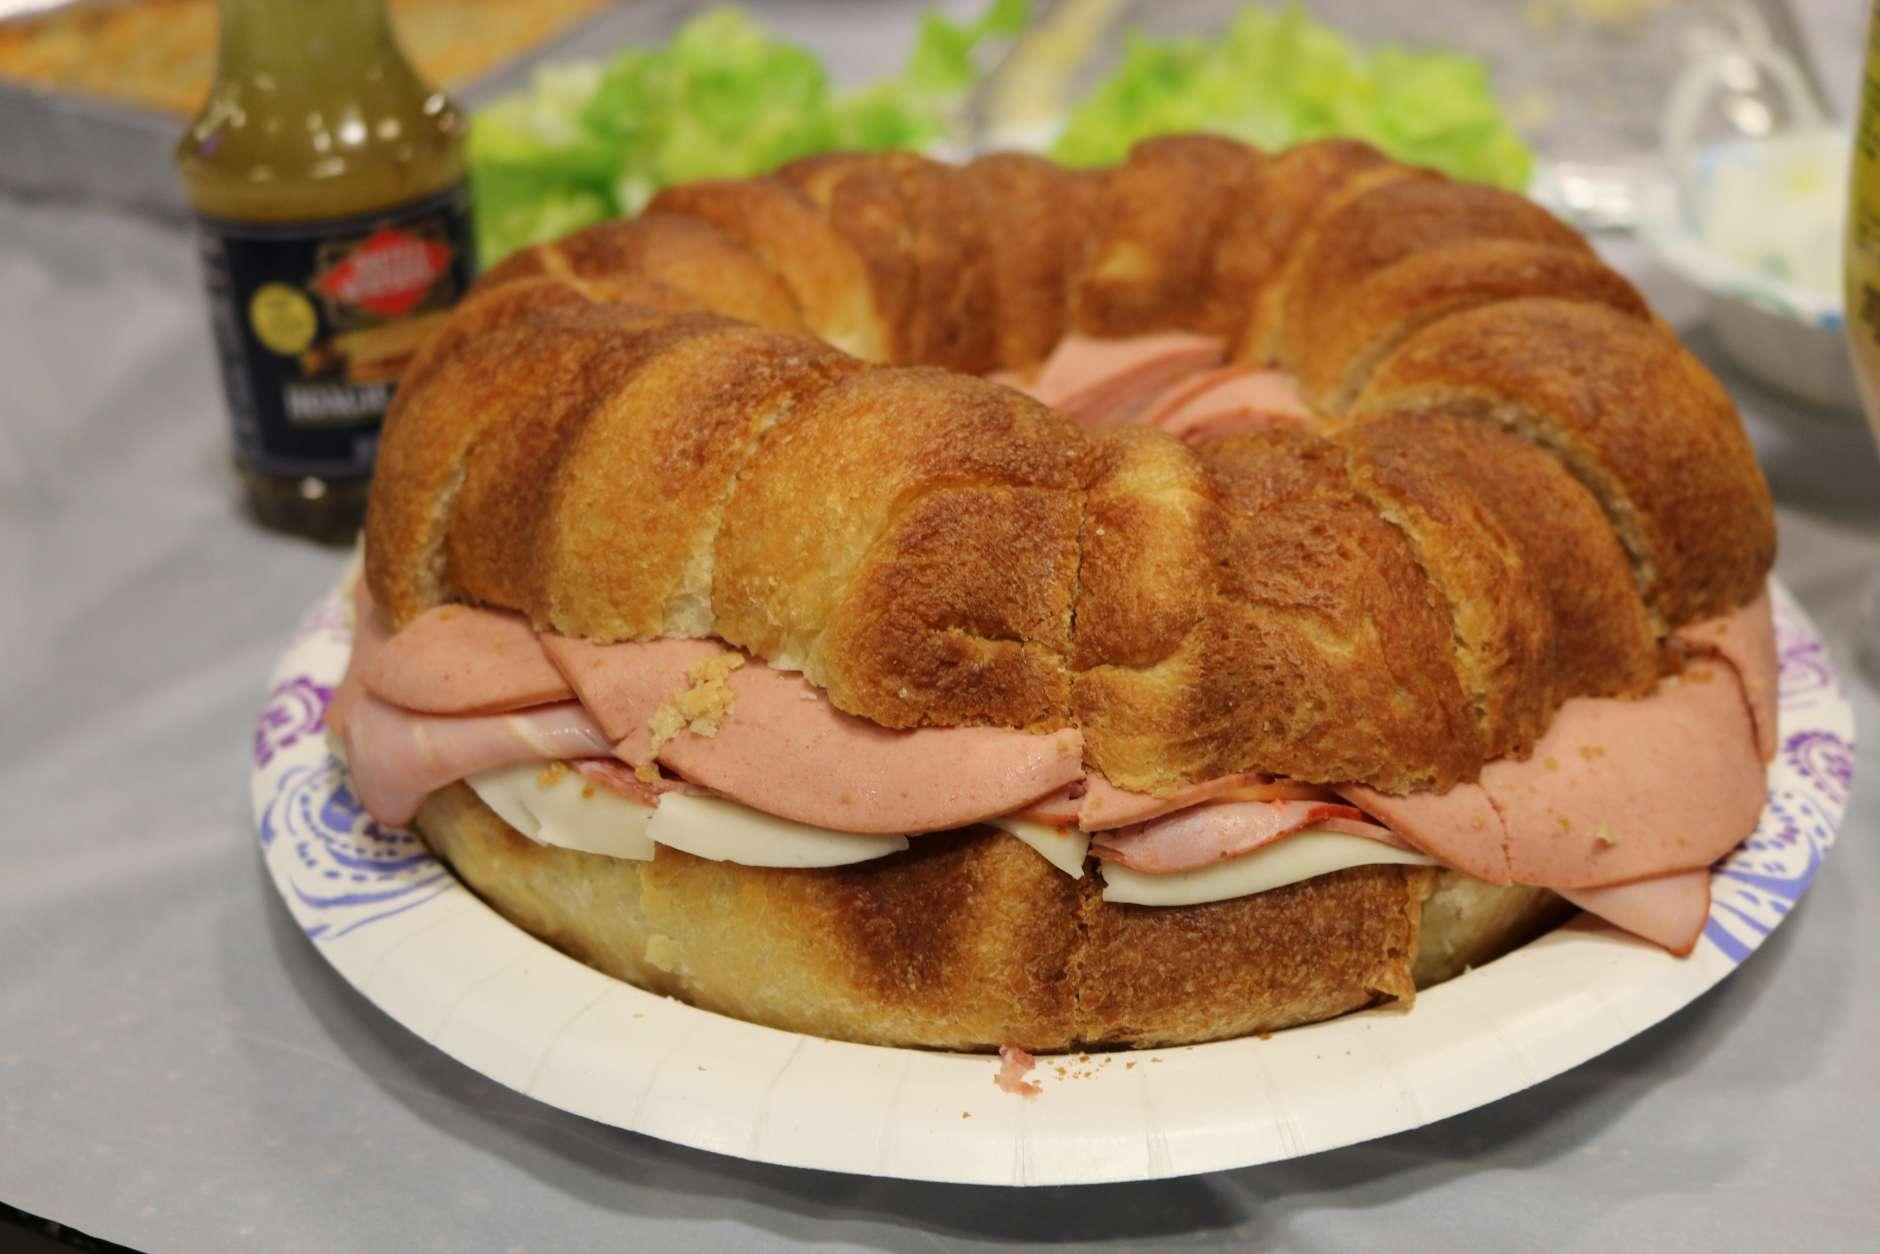 Jack Taylor's sandwich (WTOP/Hanna Choi)